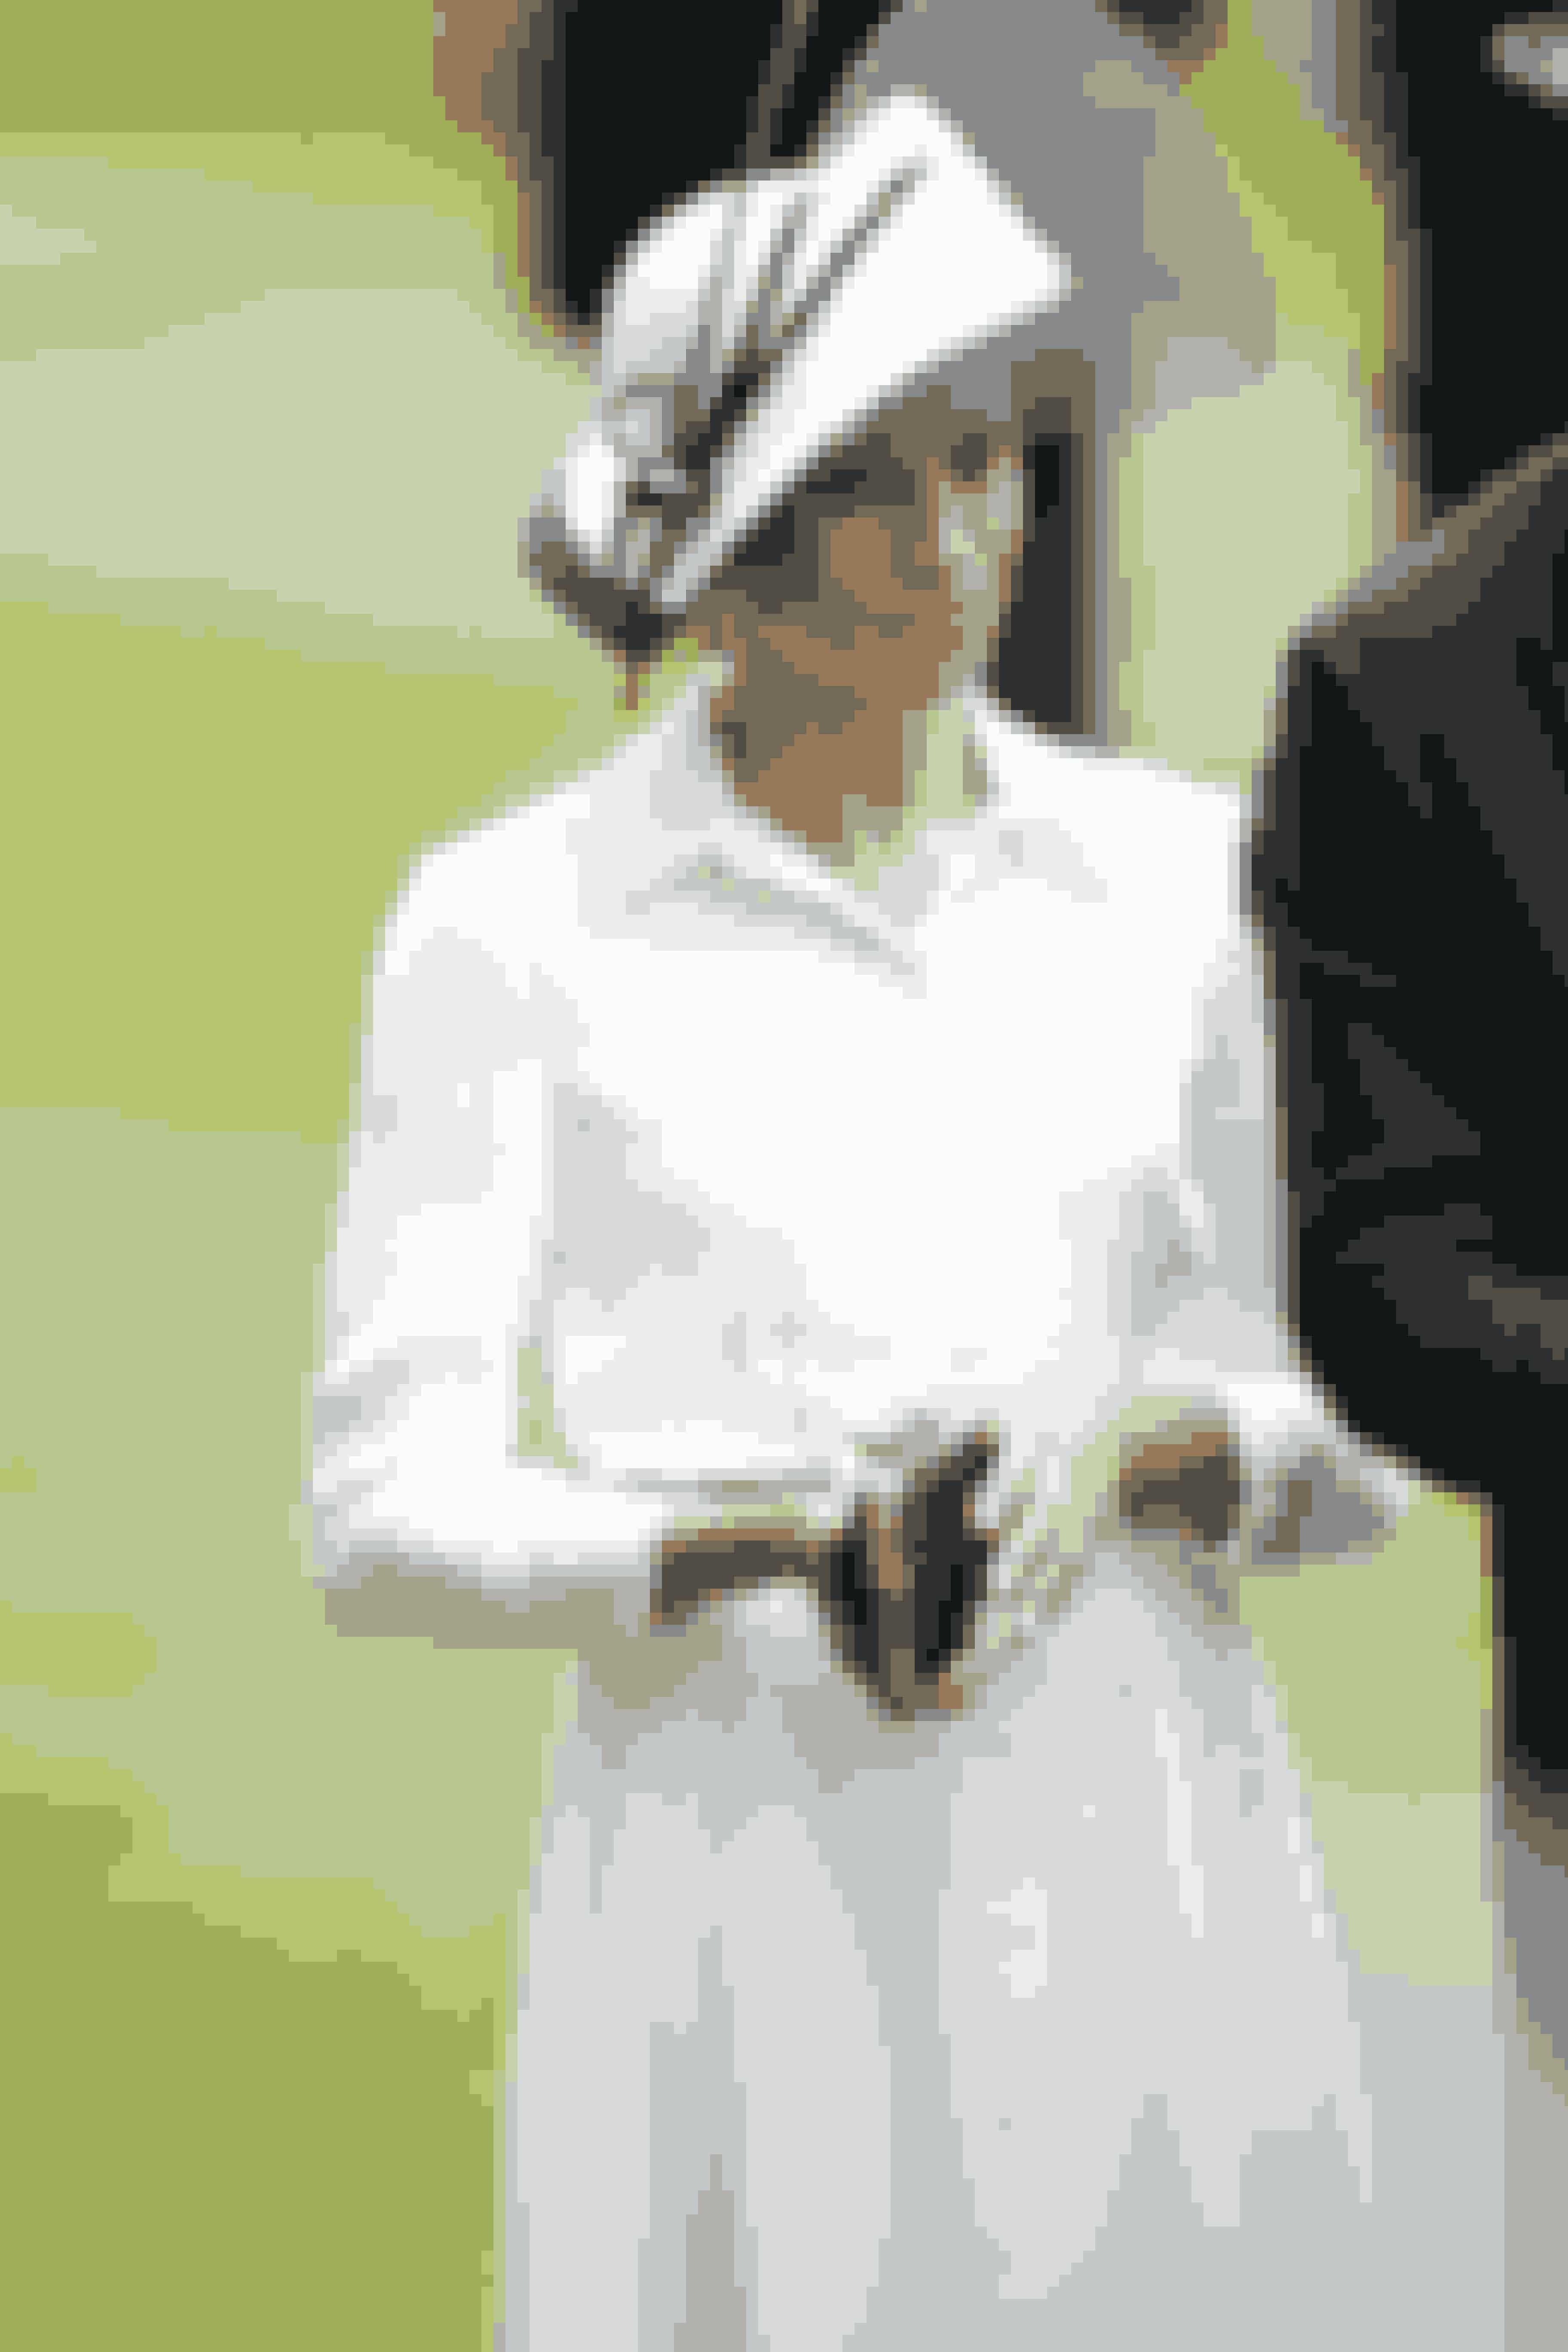 Meghan i endnu en hvid Givenchy sag.